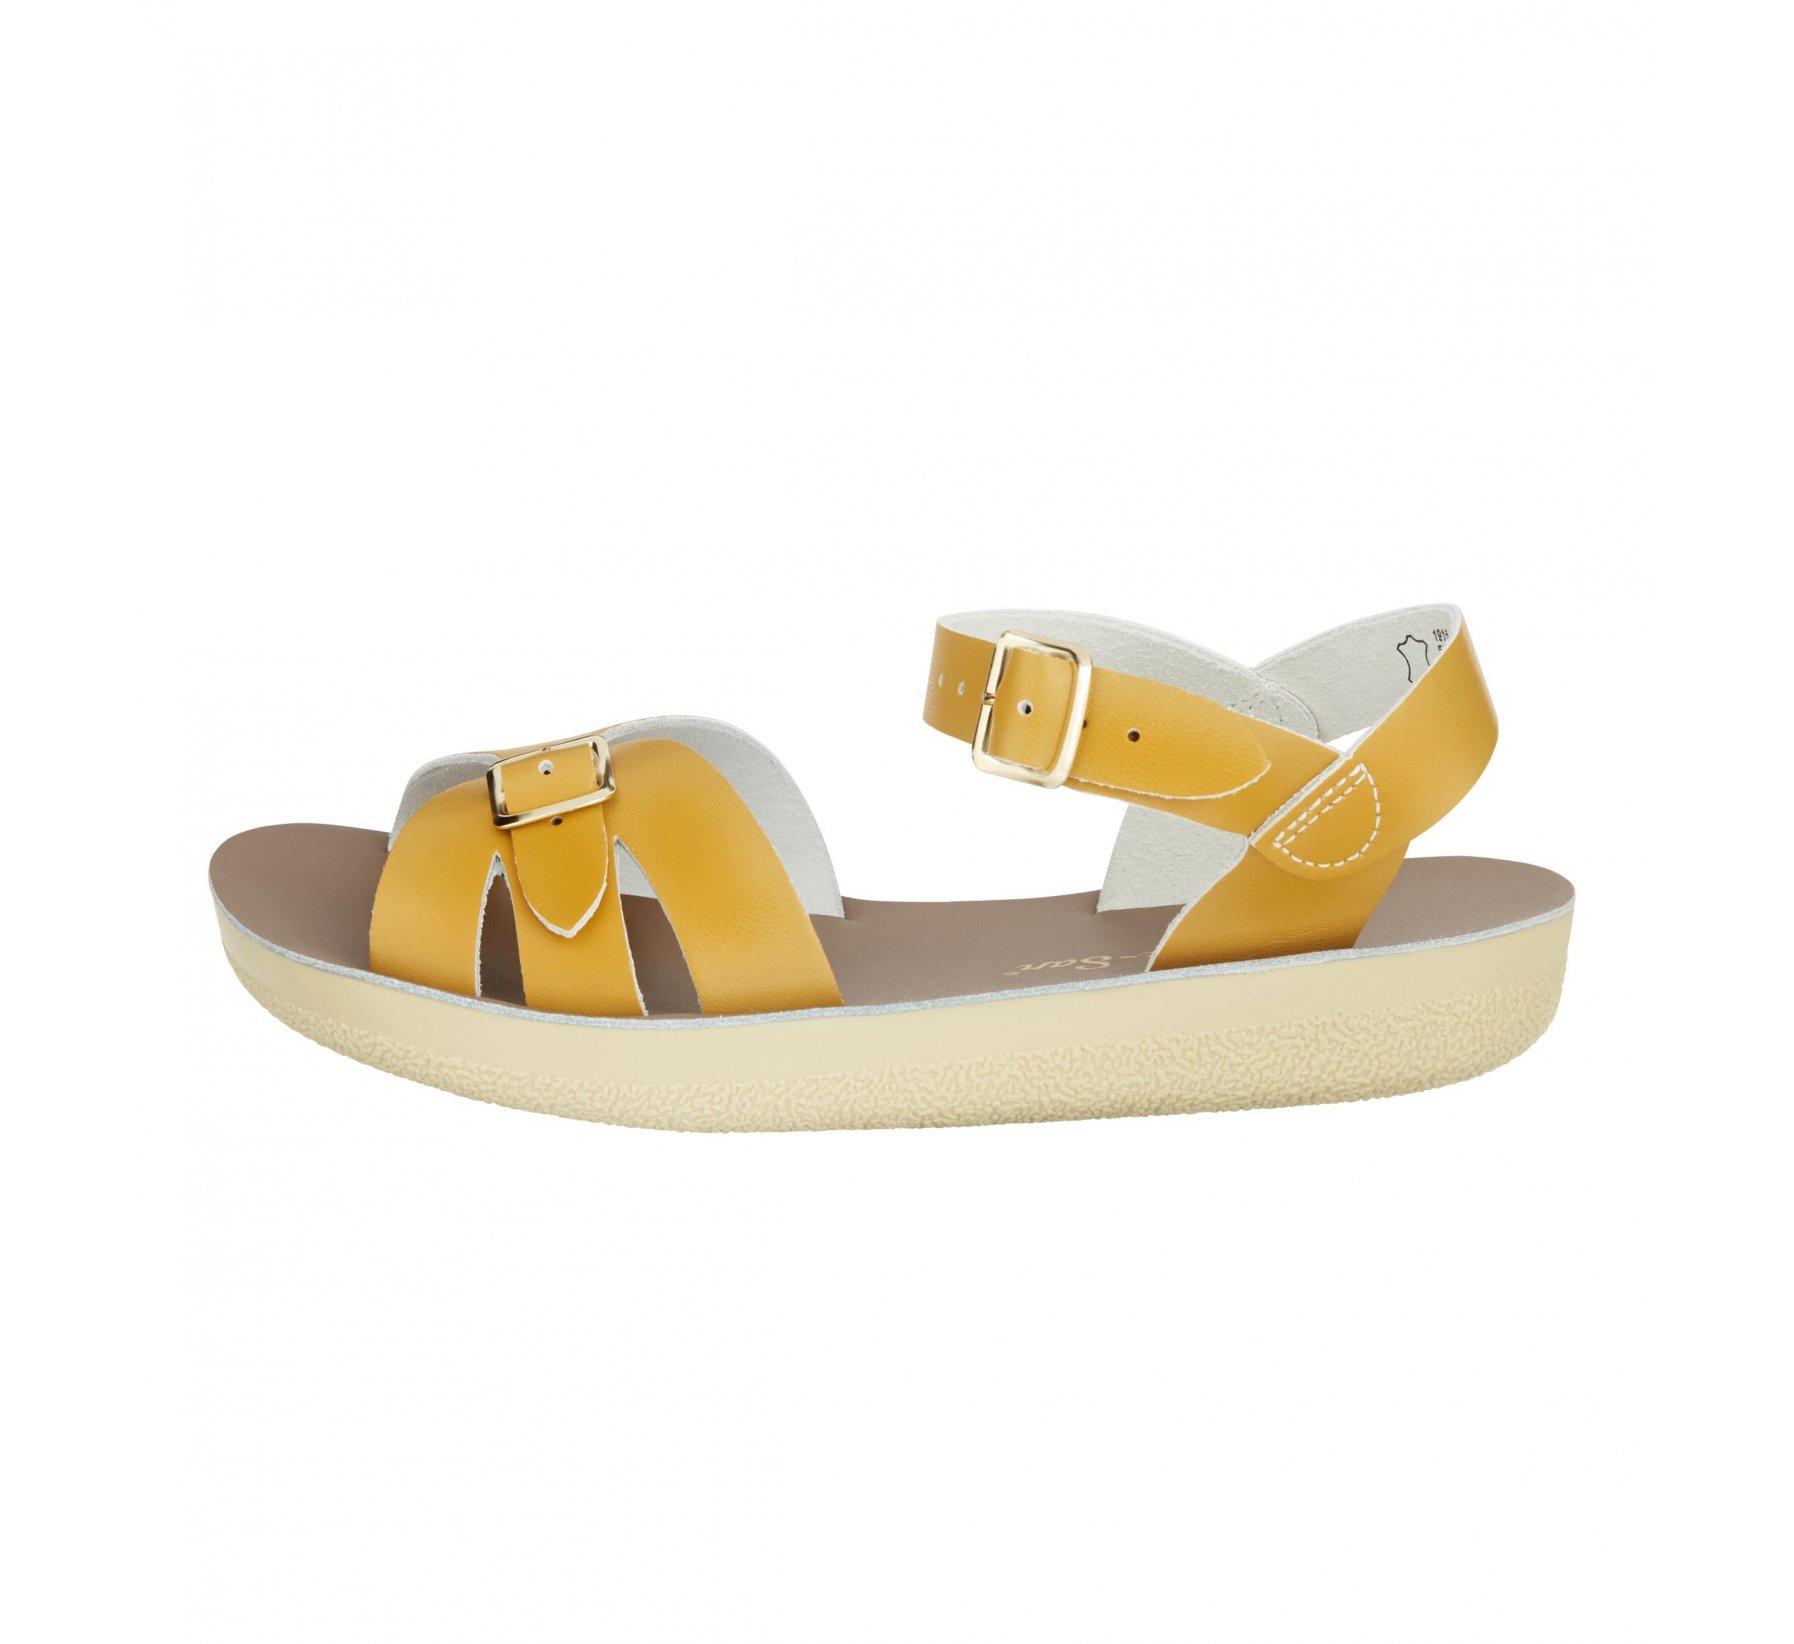 Boardwalk Mustard - Salt Water Sandals